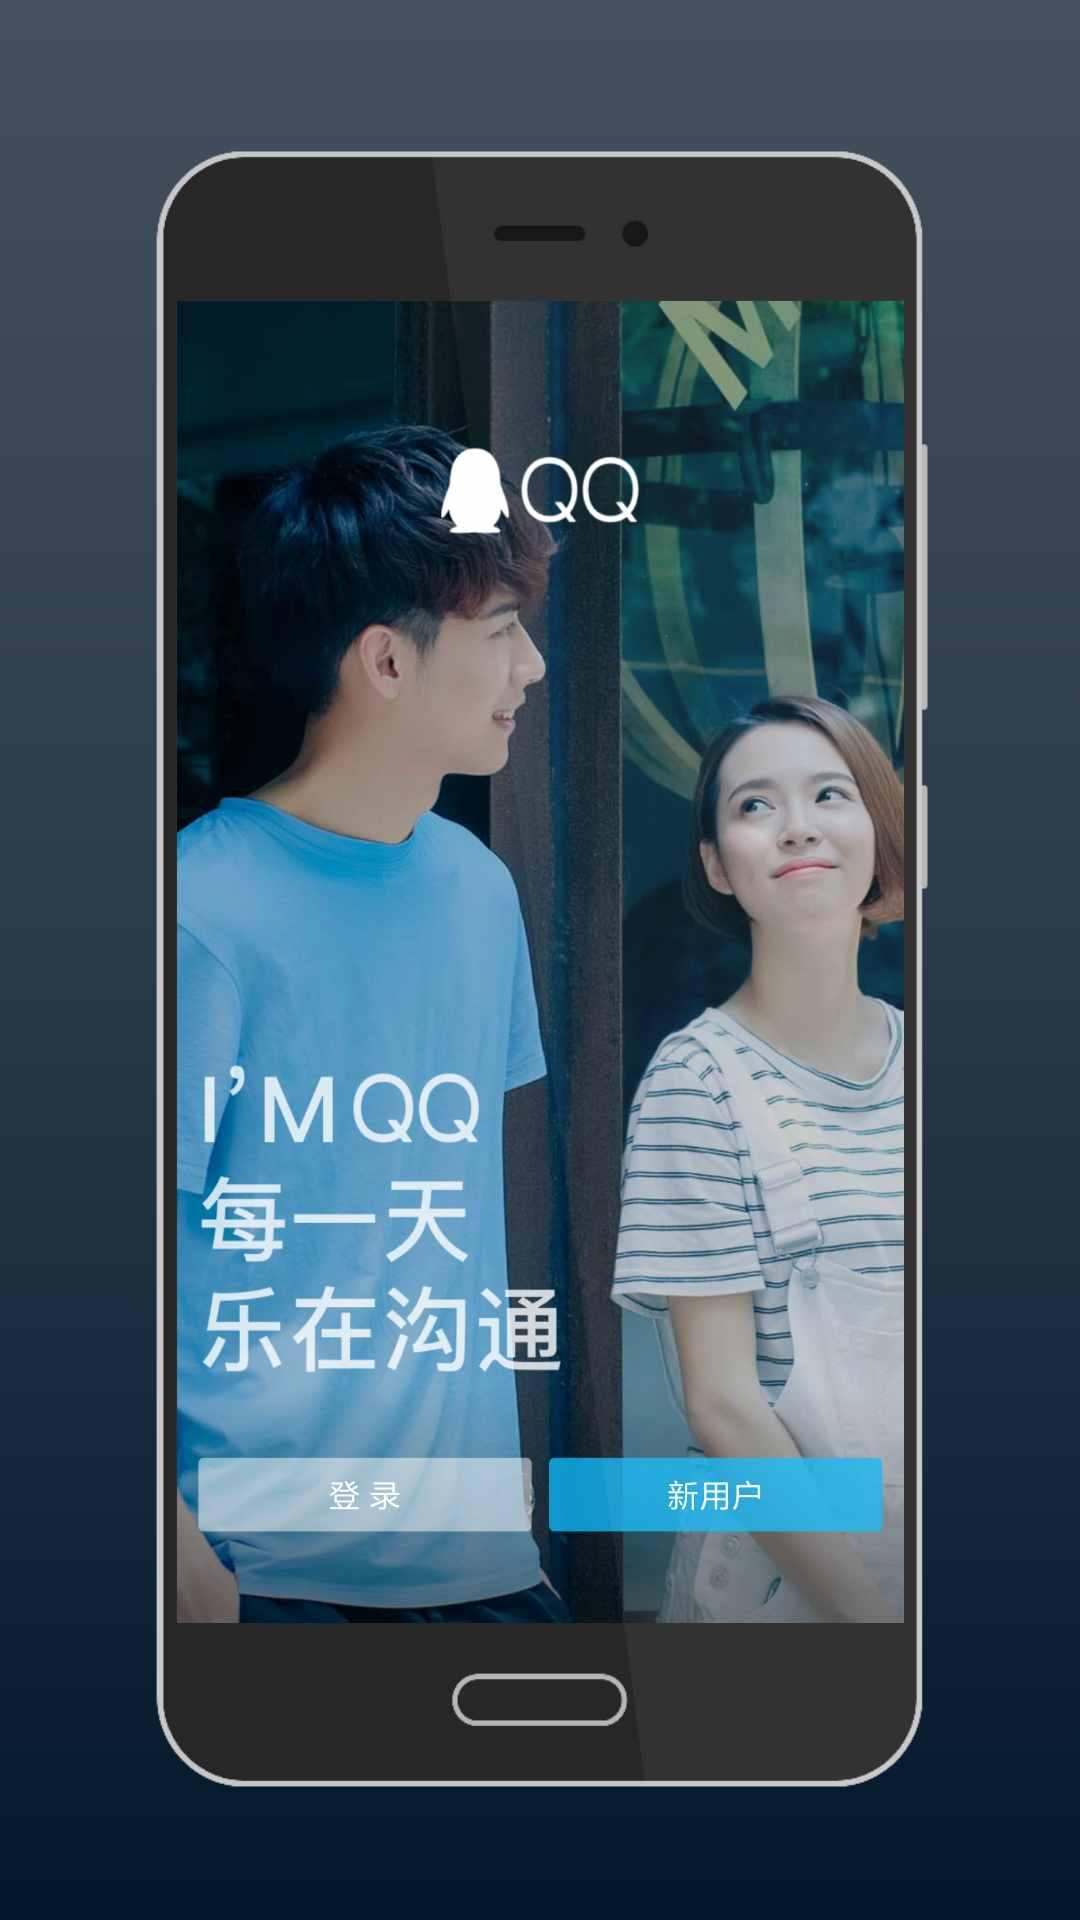 手机QQ 防撤回 去限制 破闪照 完美版